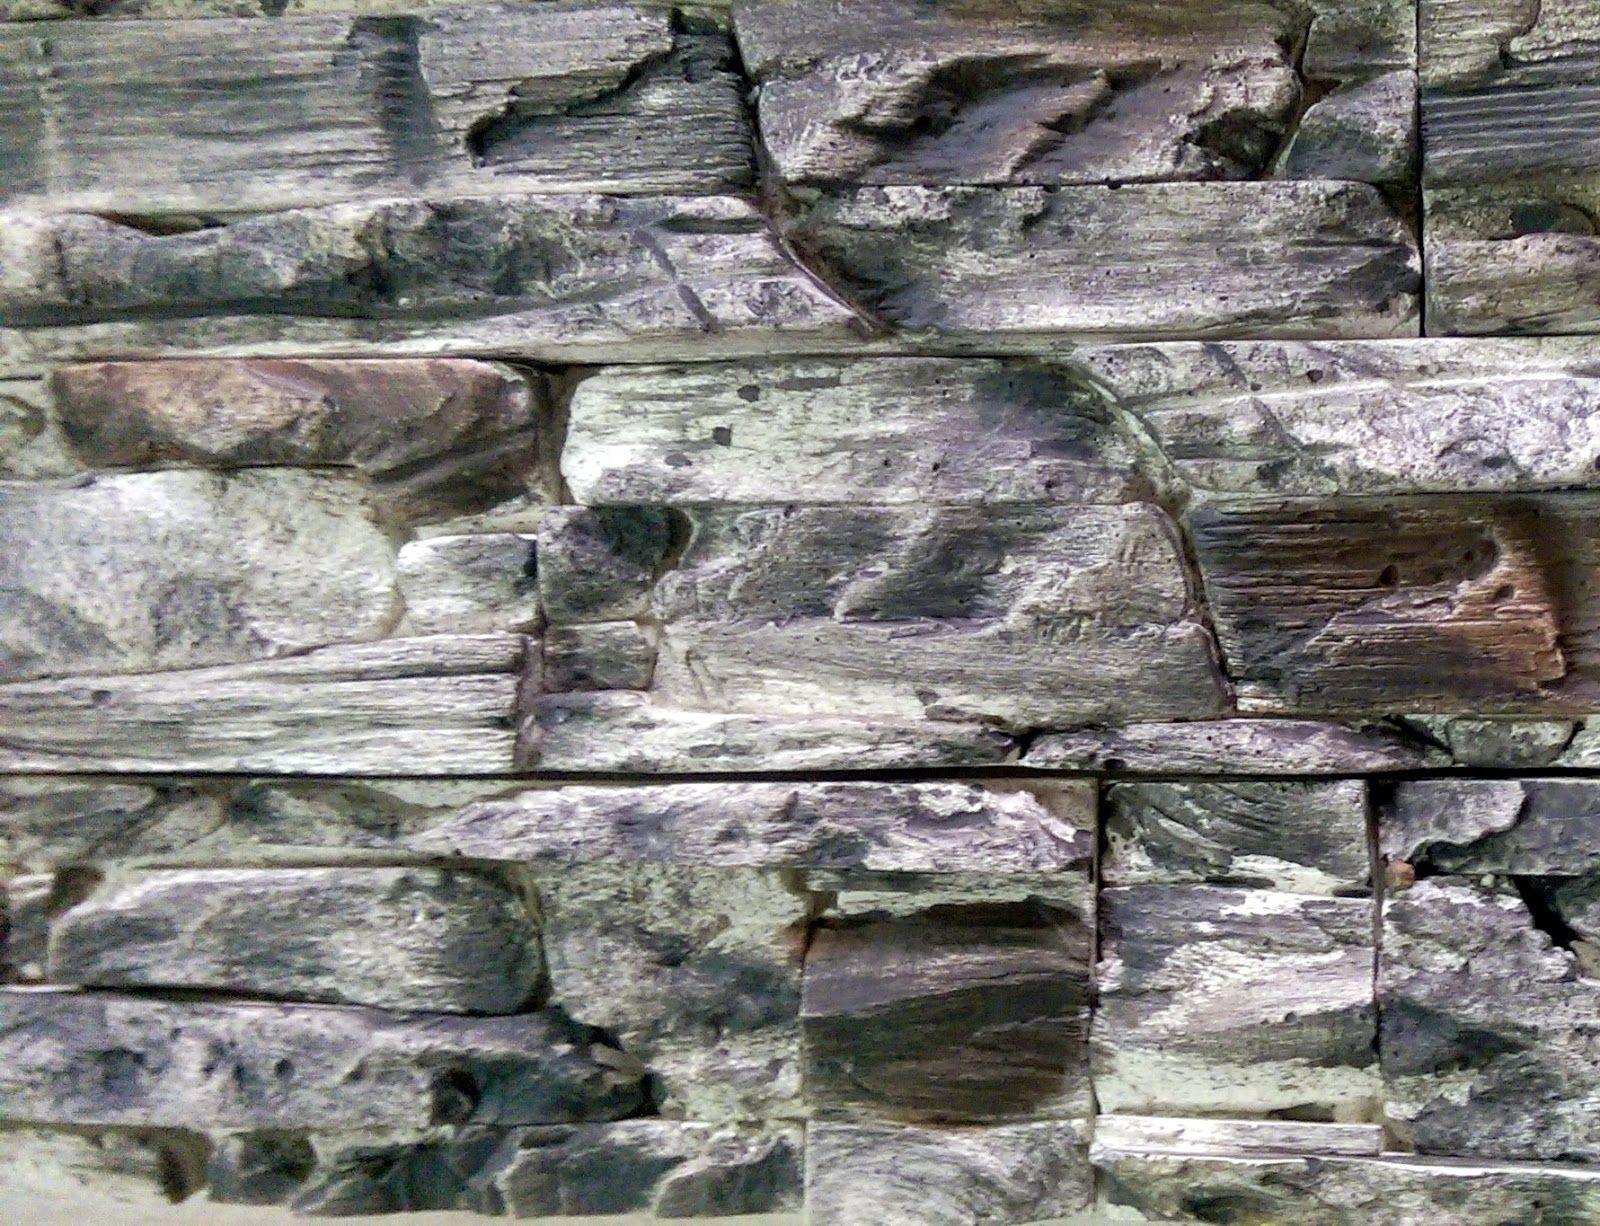 Kamien Dekoracyjny Hit Cenowy Na Allegro Okazja 5984148366 Oficjalne Archiwum Allegro Wood